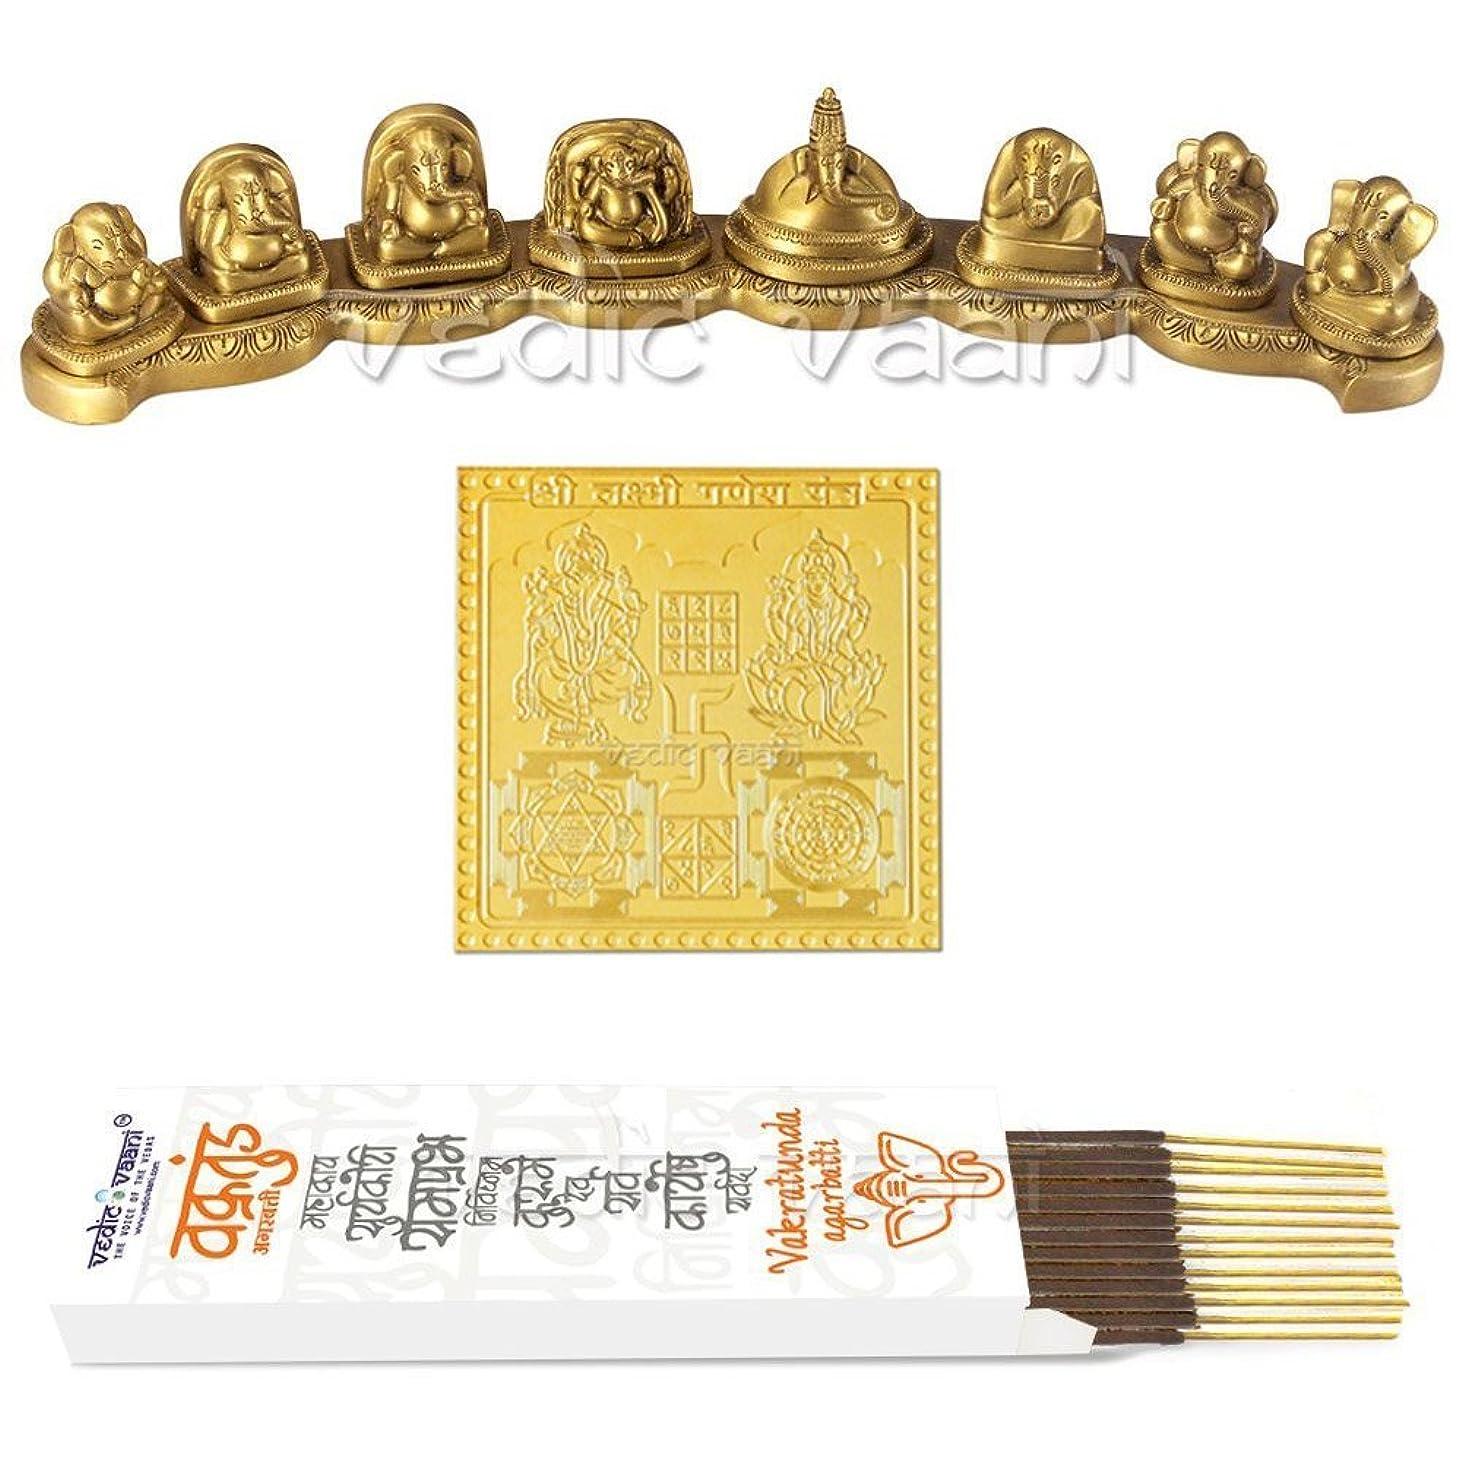 国勢調査吐き出すピアノを弾くAshtavinayak Ganpati Bappa Idol In Brass WithヤントラとVakratund Incense Sticks?–?Vedic Vaani